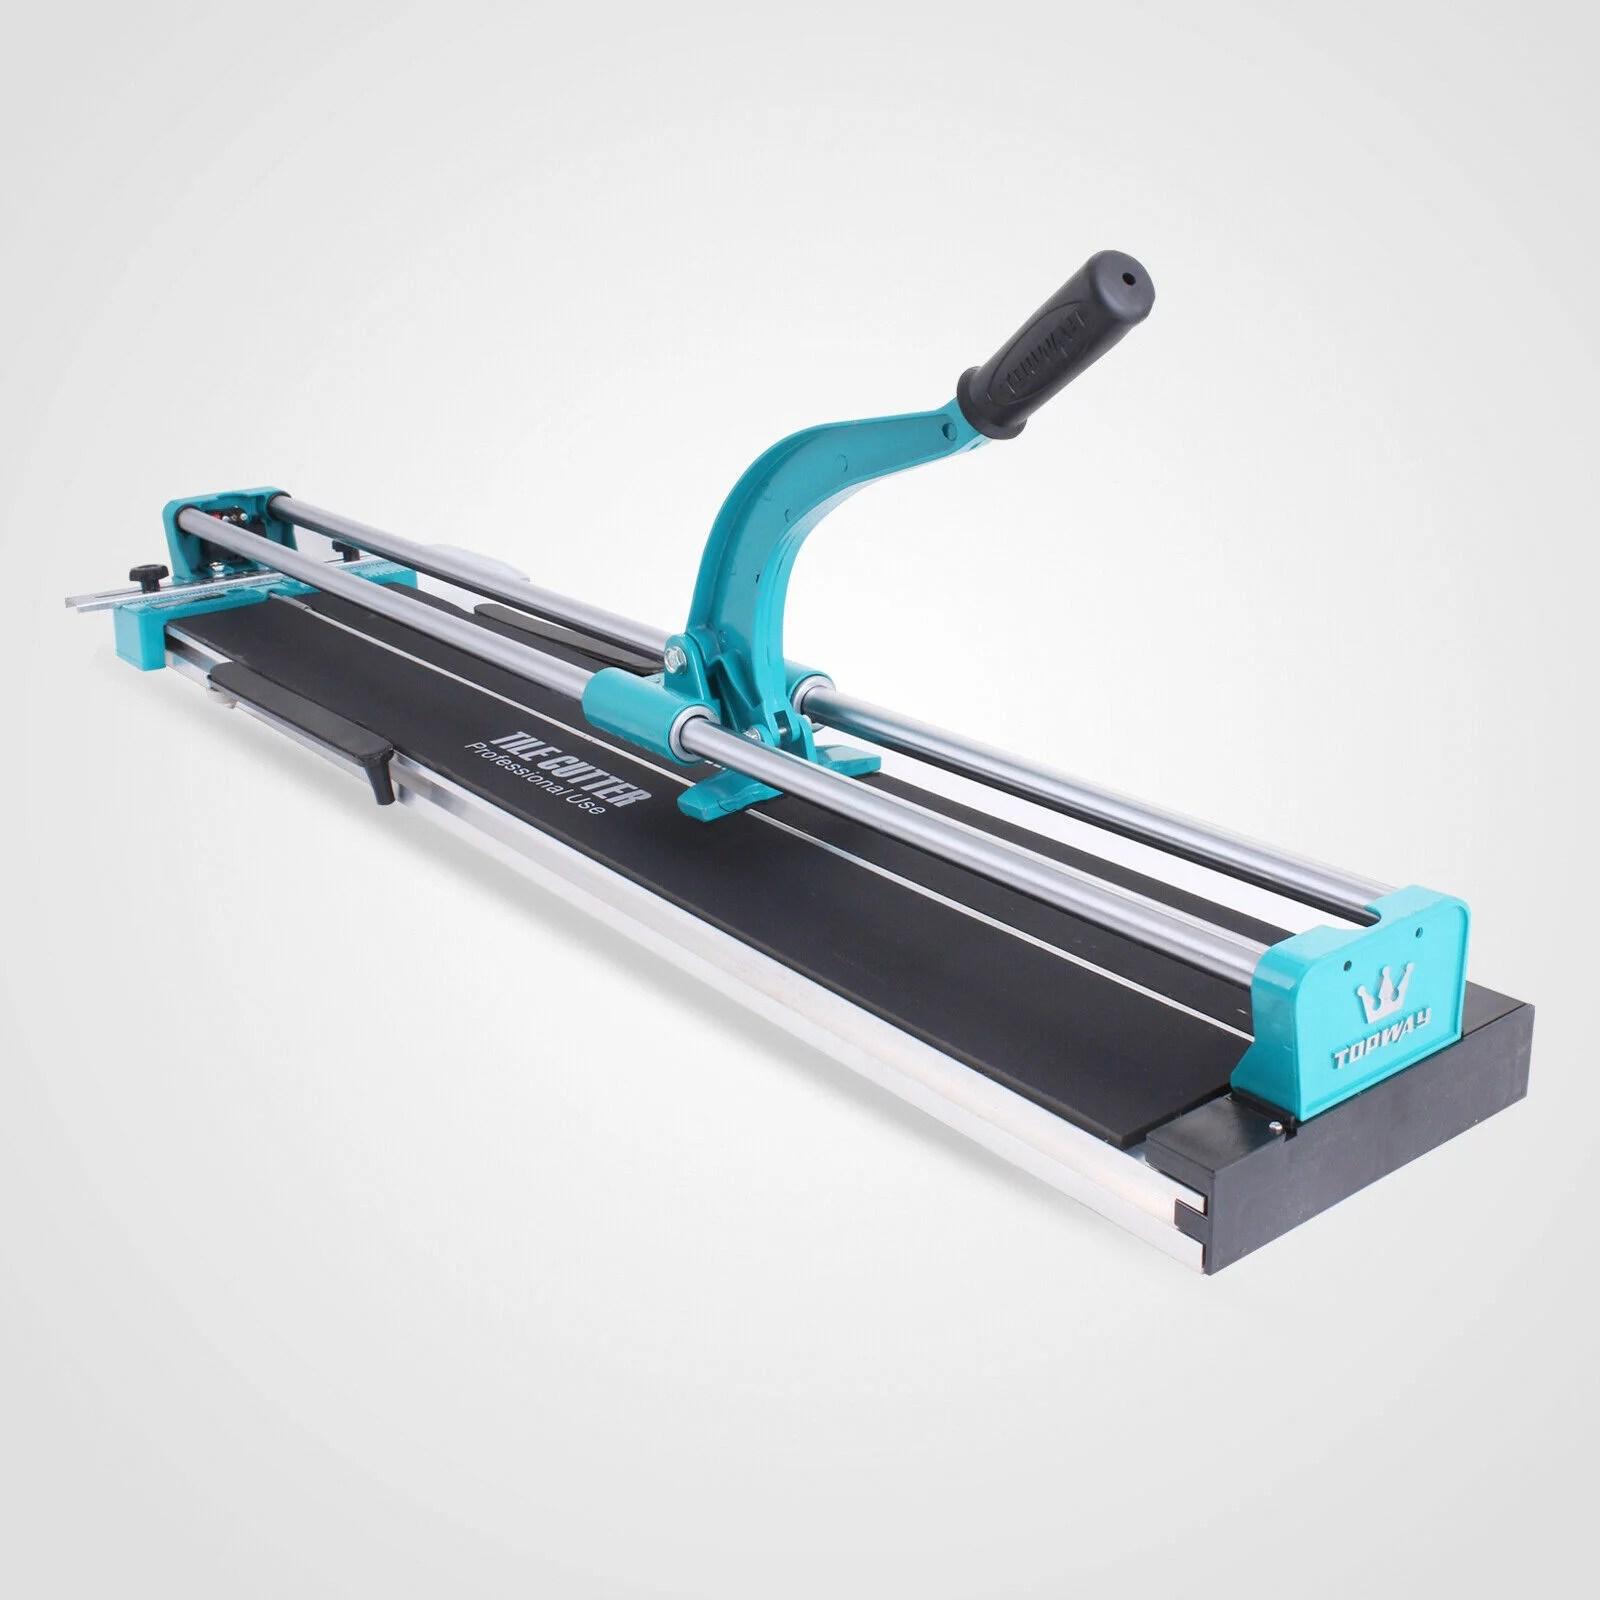 vevor 40 100cm manual tile cutter cutting machine steel porcelain laser guide